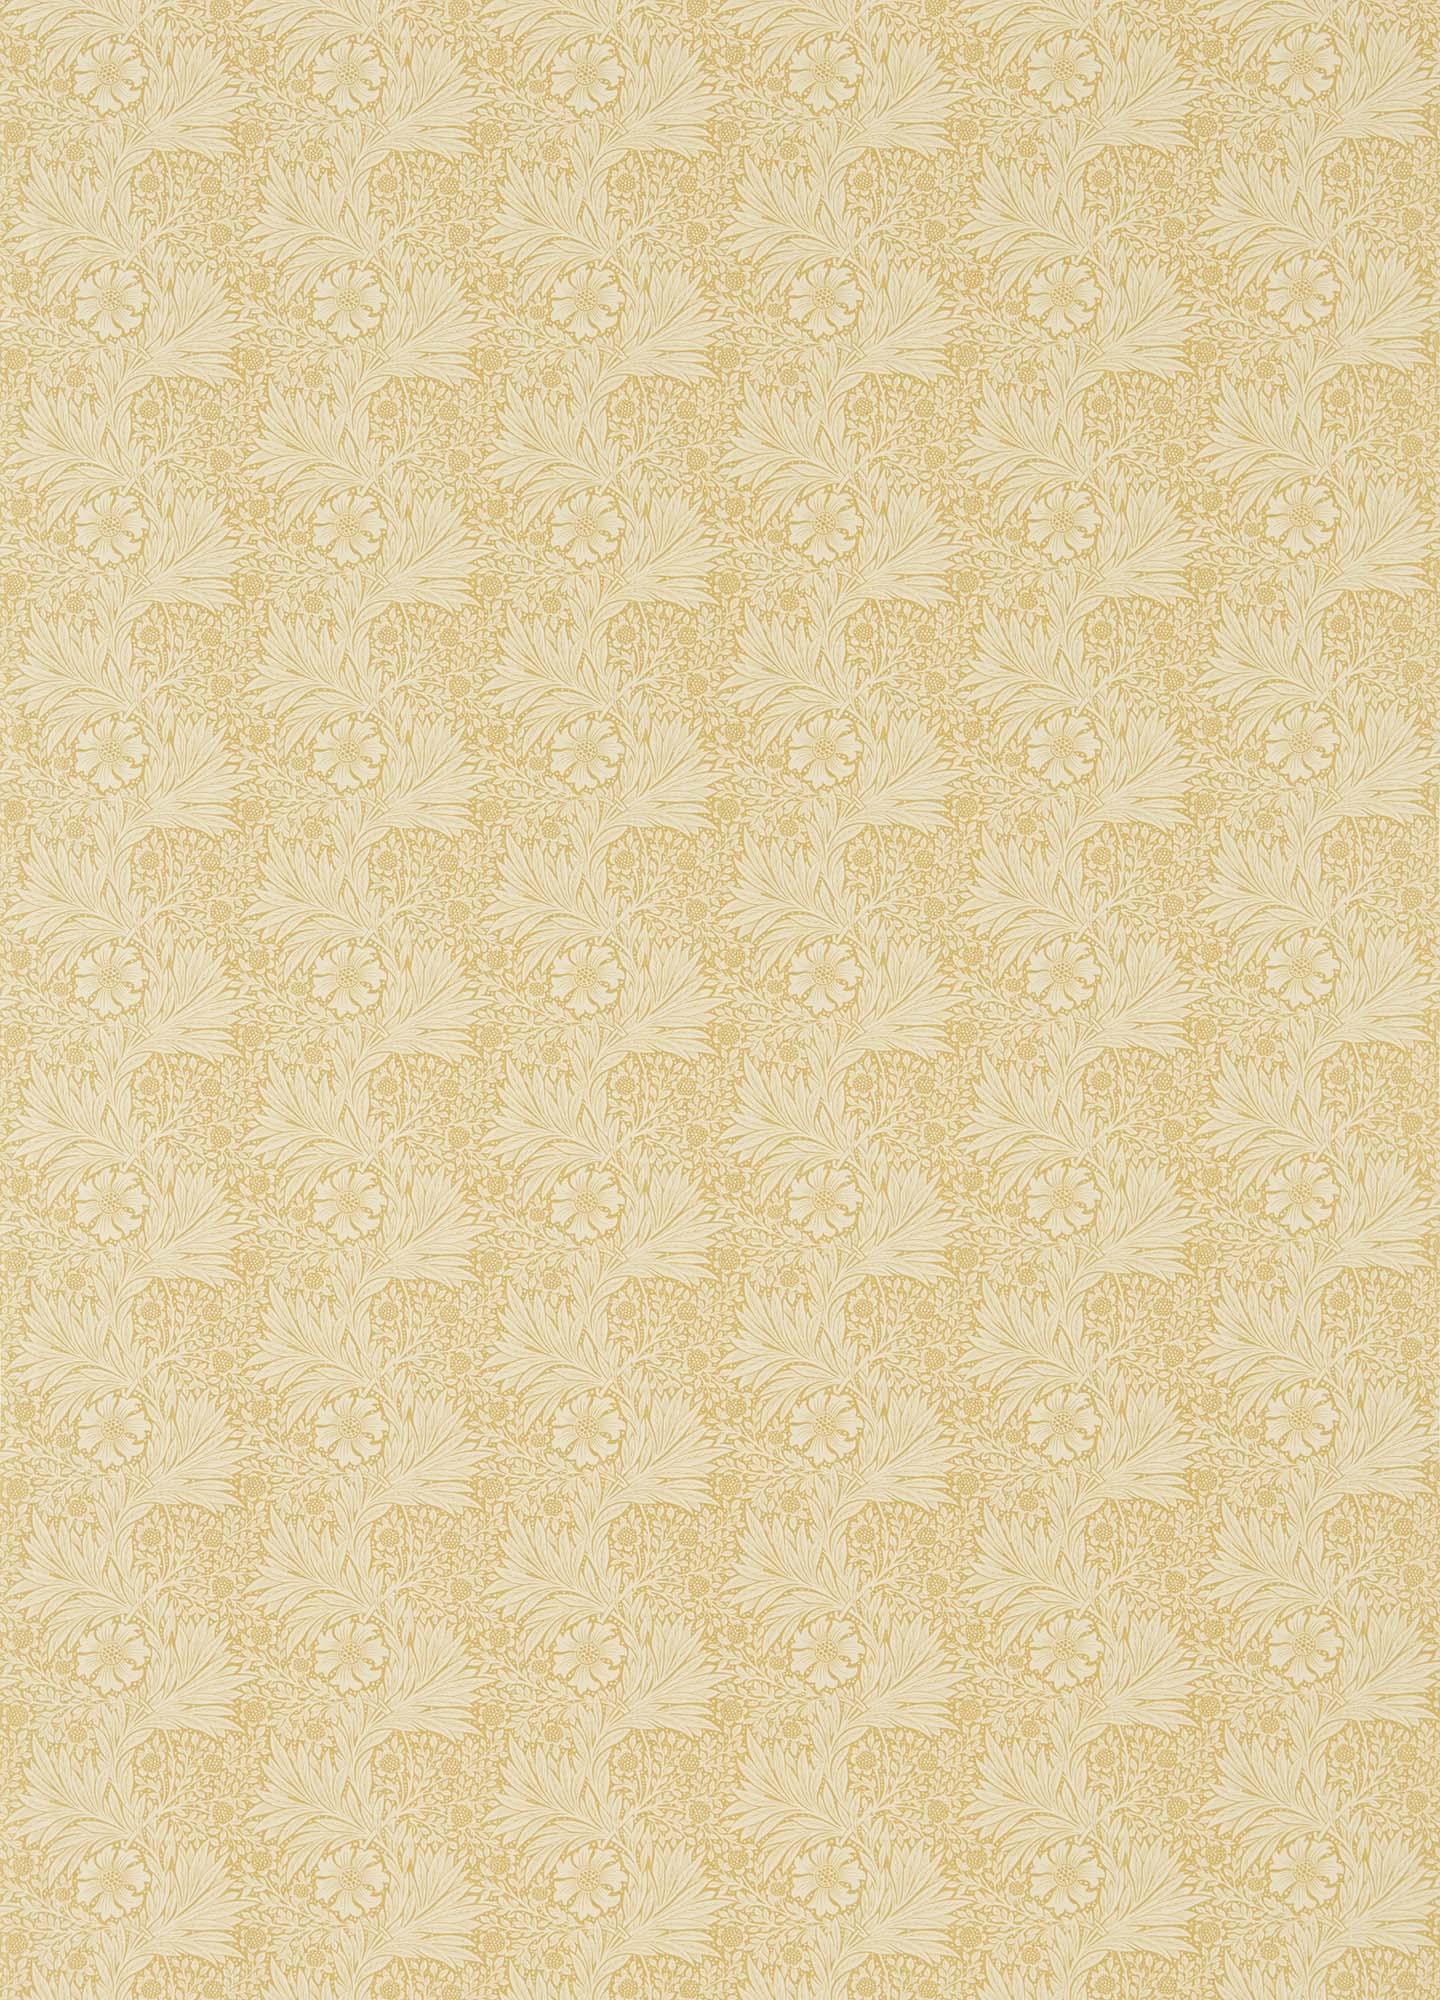 ウィリアムモリス生地 Marigold 220316